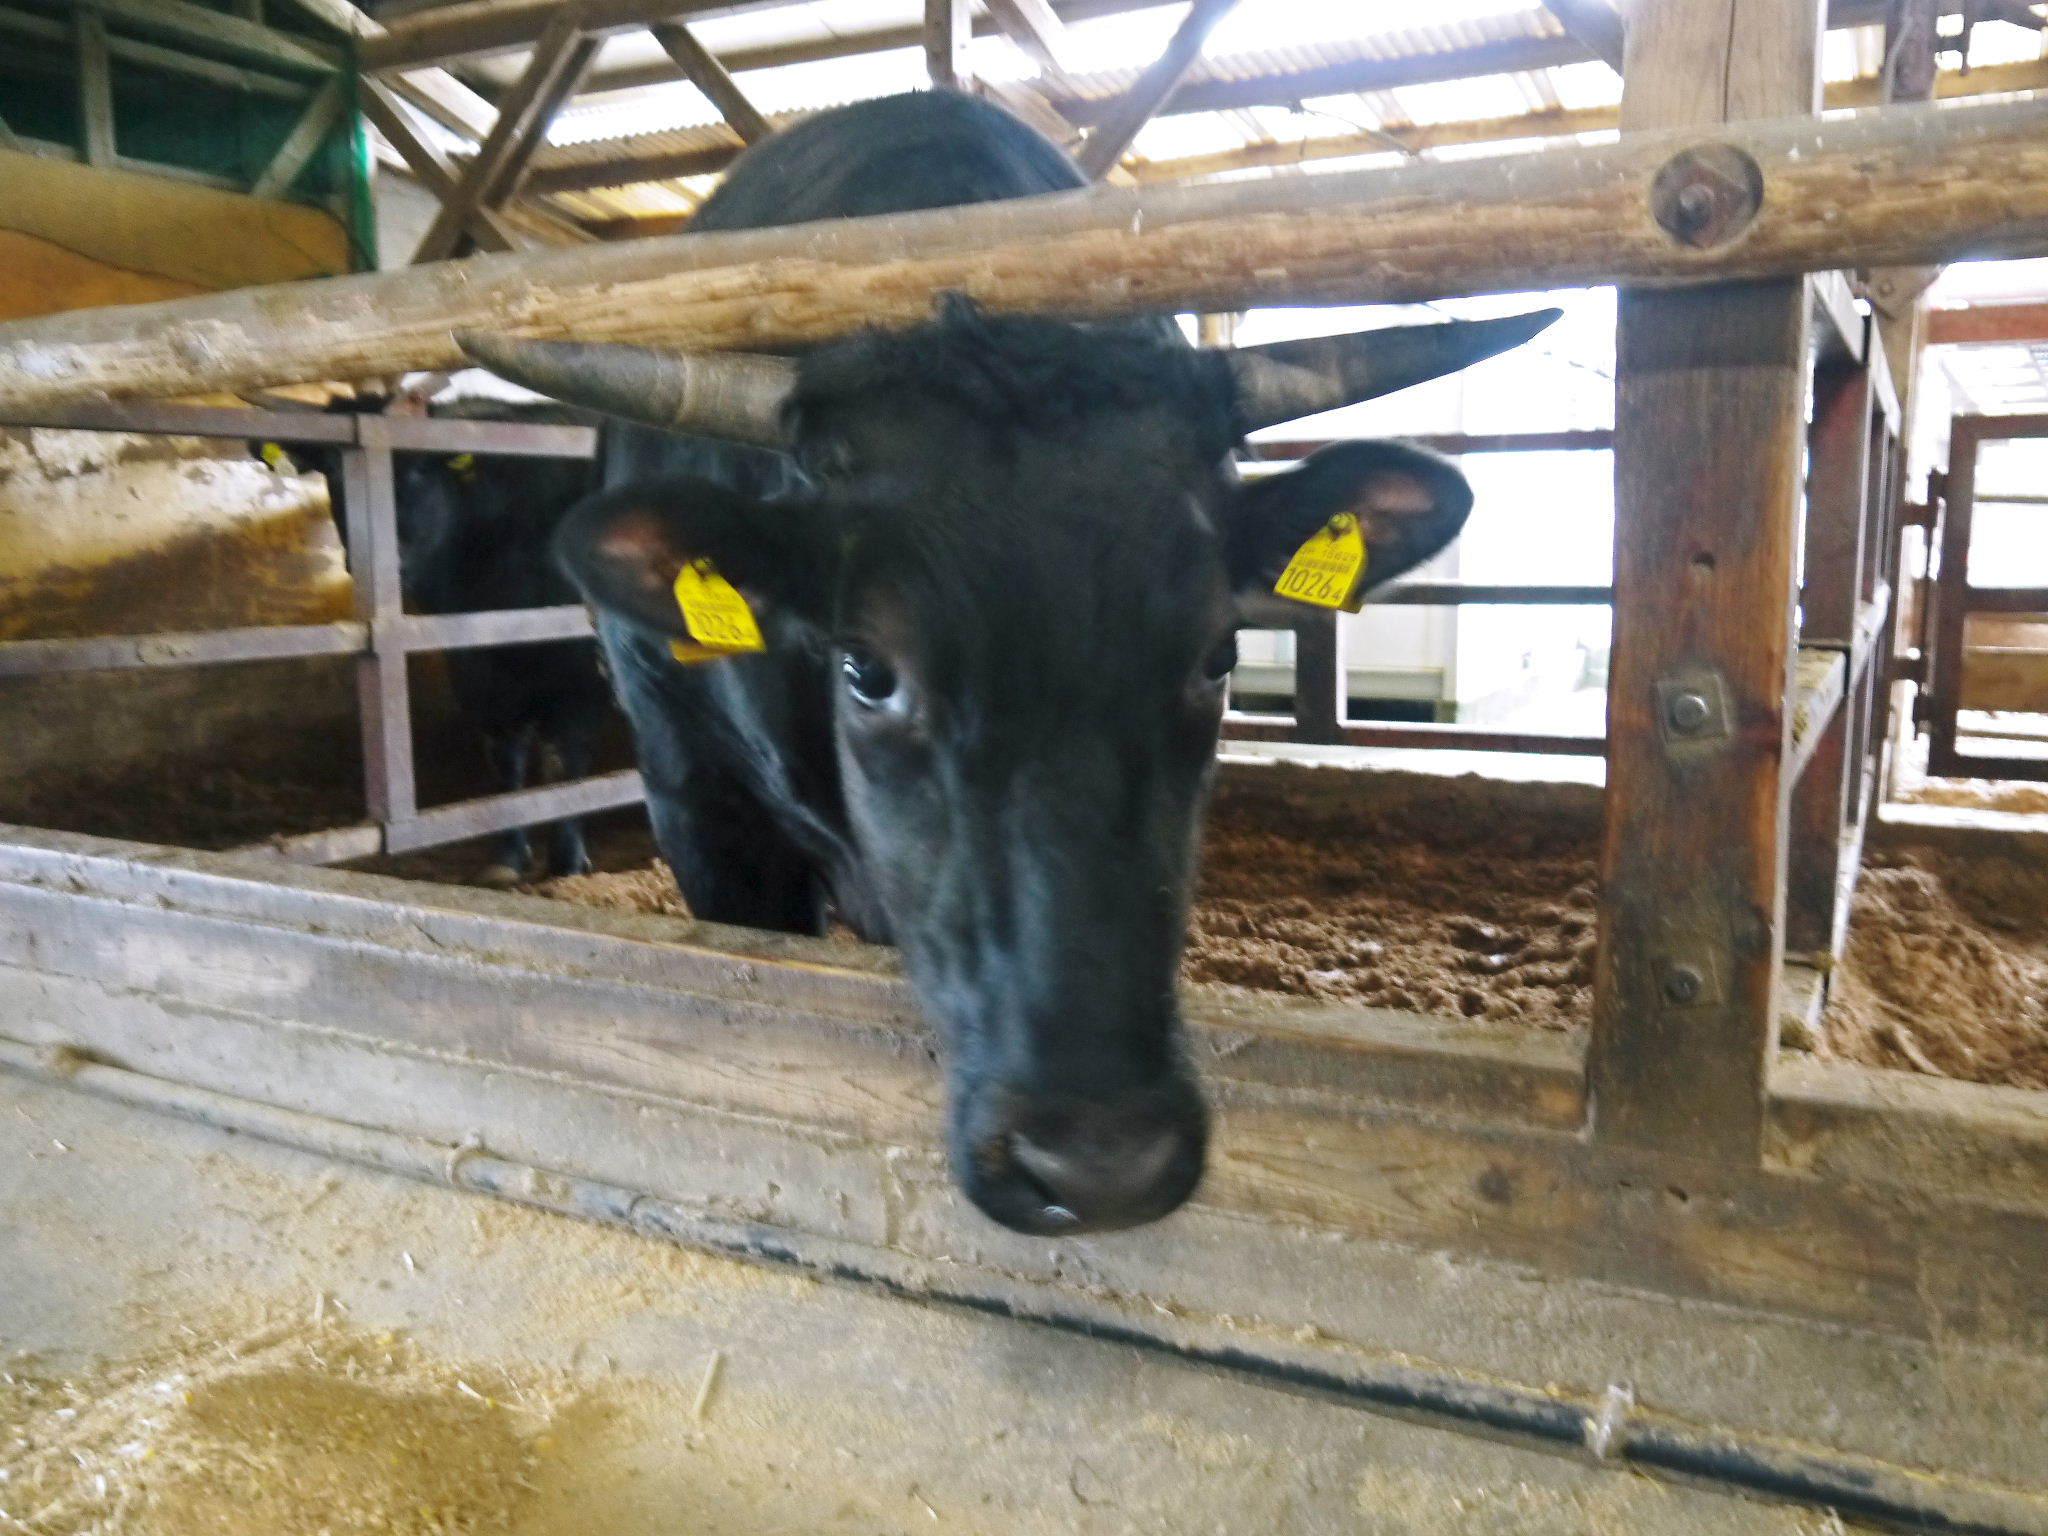 熊本県産黒毛和牛100%のハンバーグステーキをまもなく販売スタート!牧草も自ら育てるこだわり!_a0254656_19554159.jpg